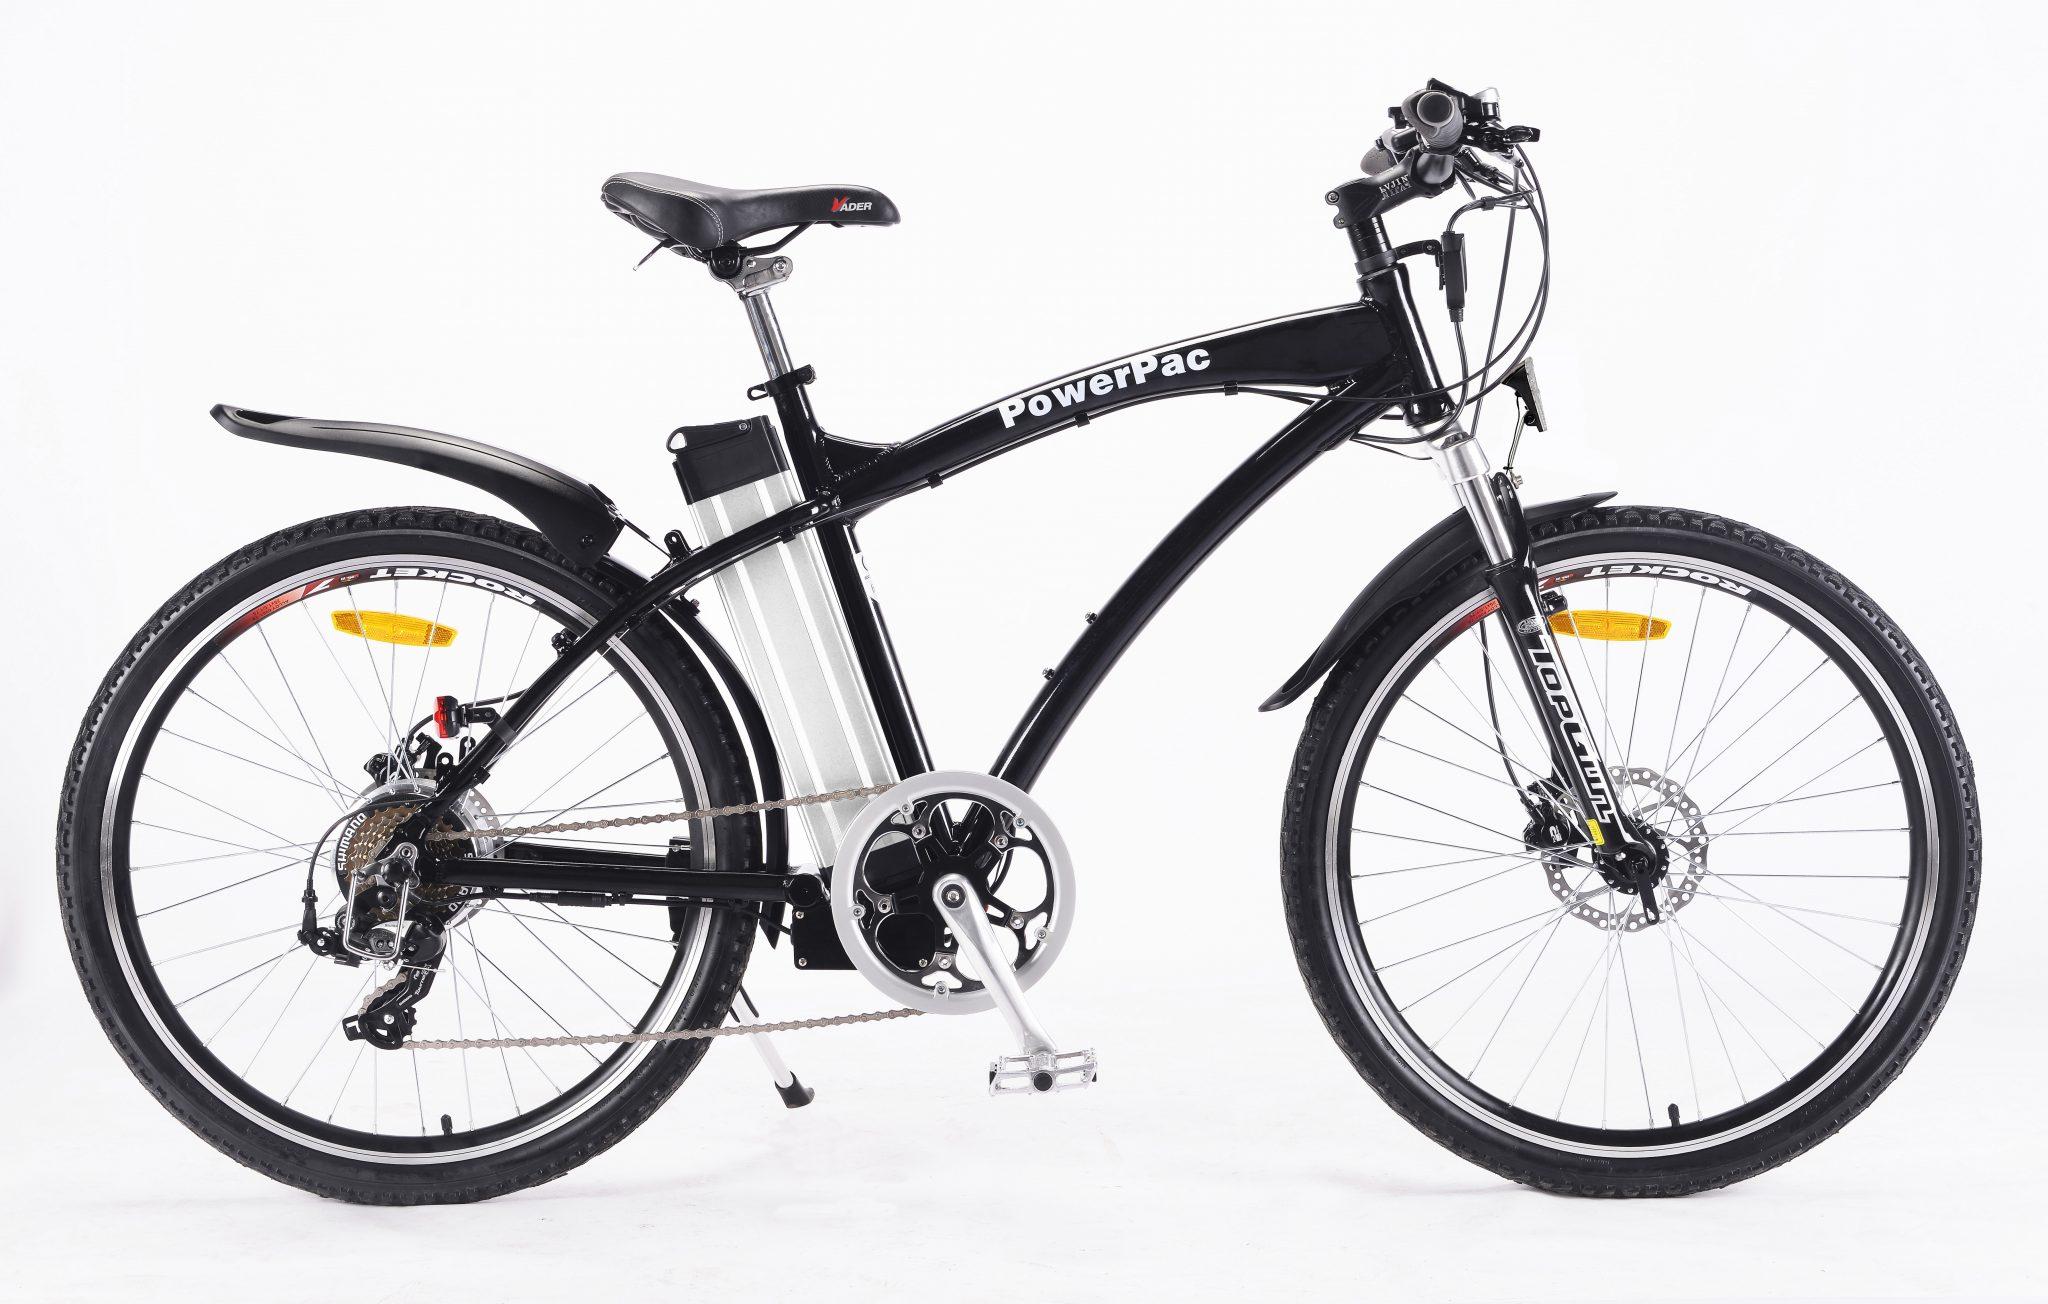 das beste bike in deutschland testsieger powerpac mountainbike ebike testsieger. Black Bedroom Furniture Sets. Home Design Ideas